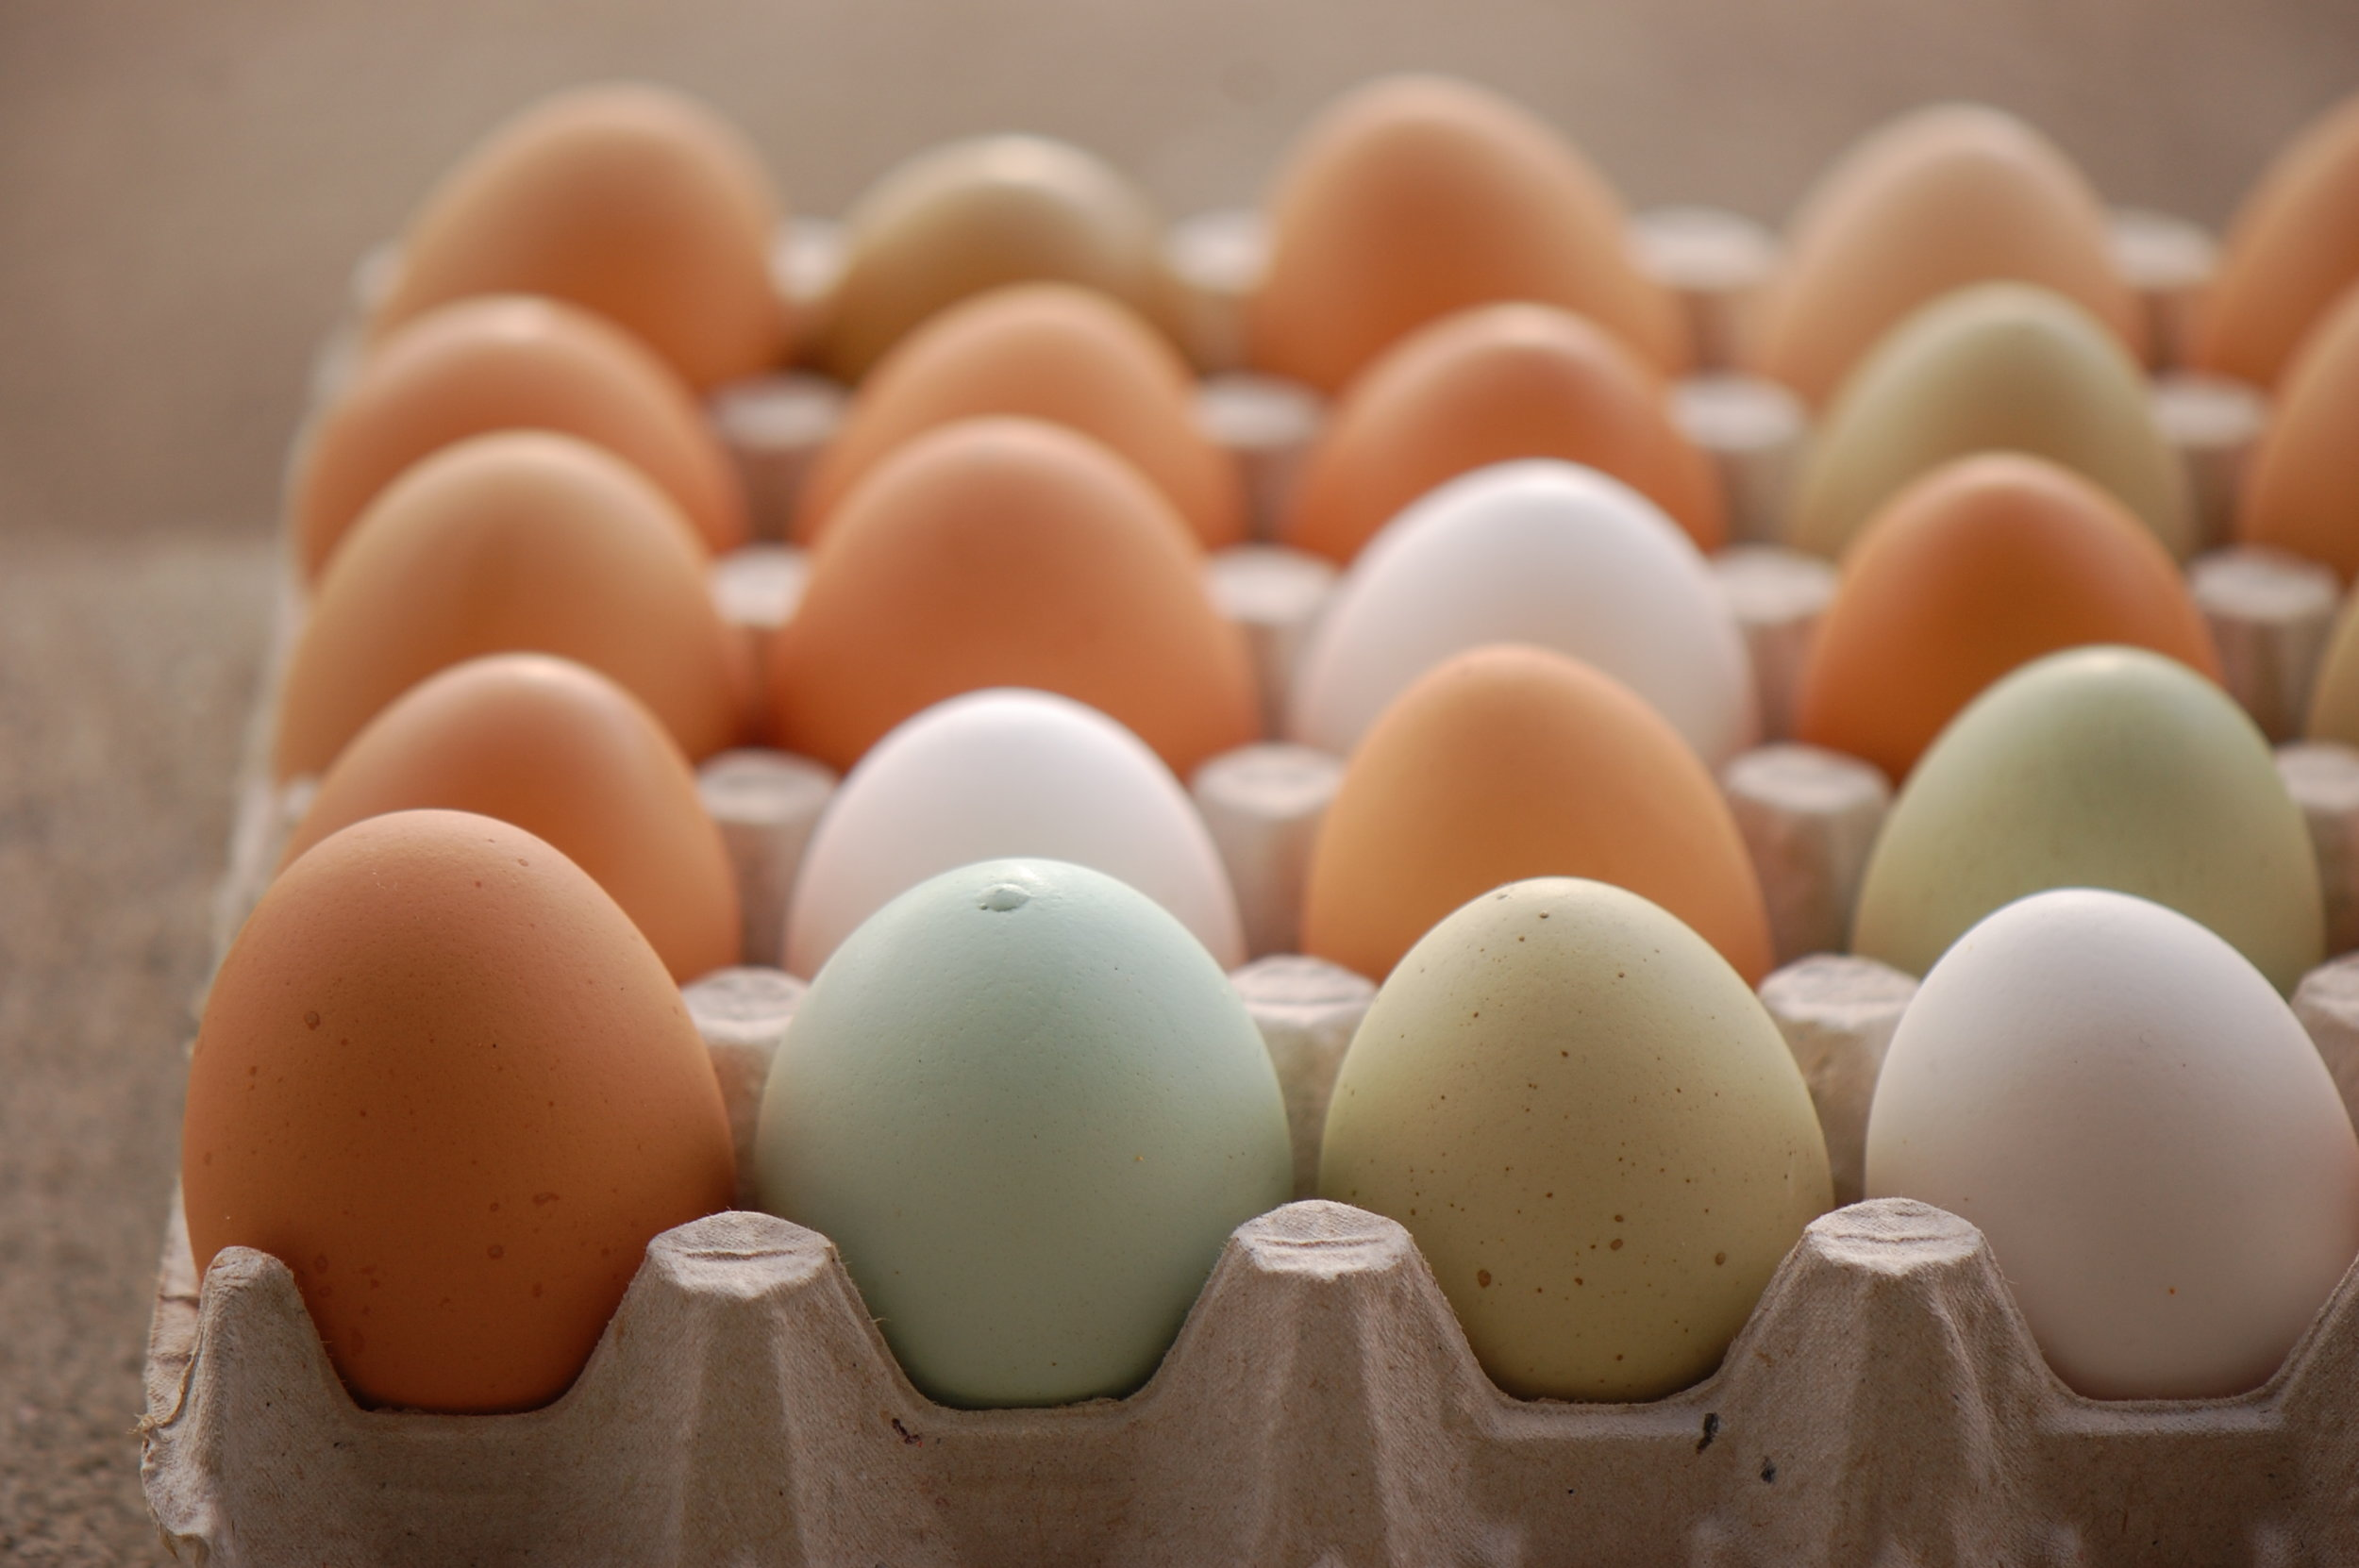 LindleuGrey- Good Ole Eggs